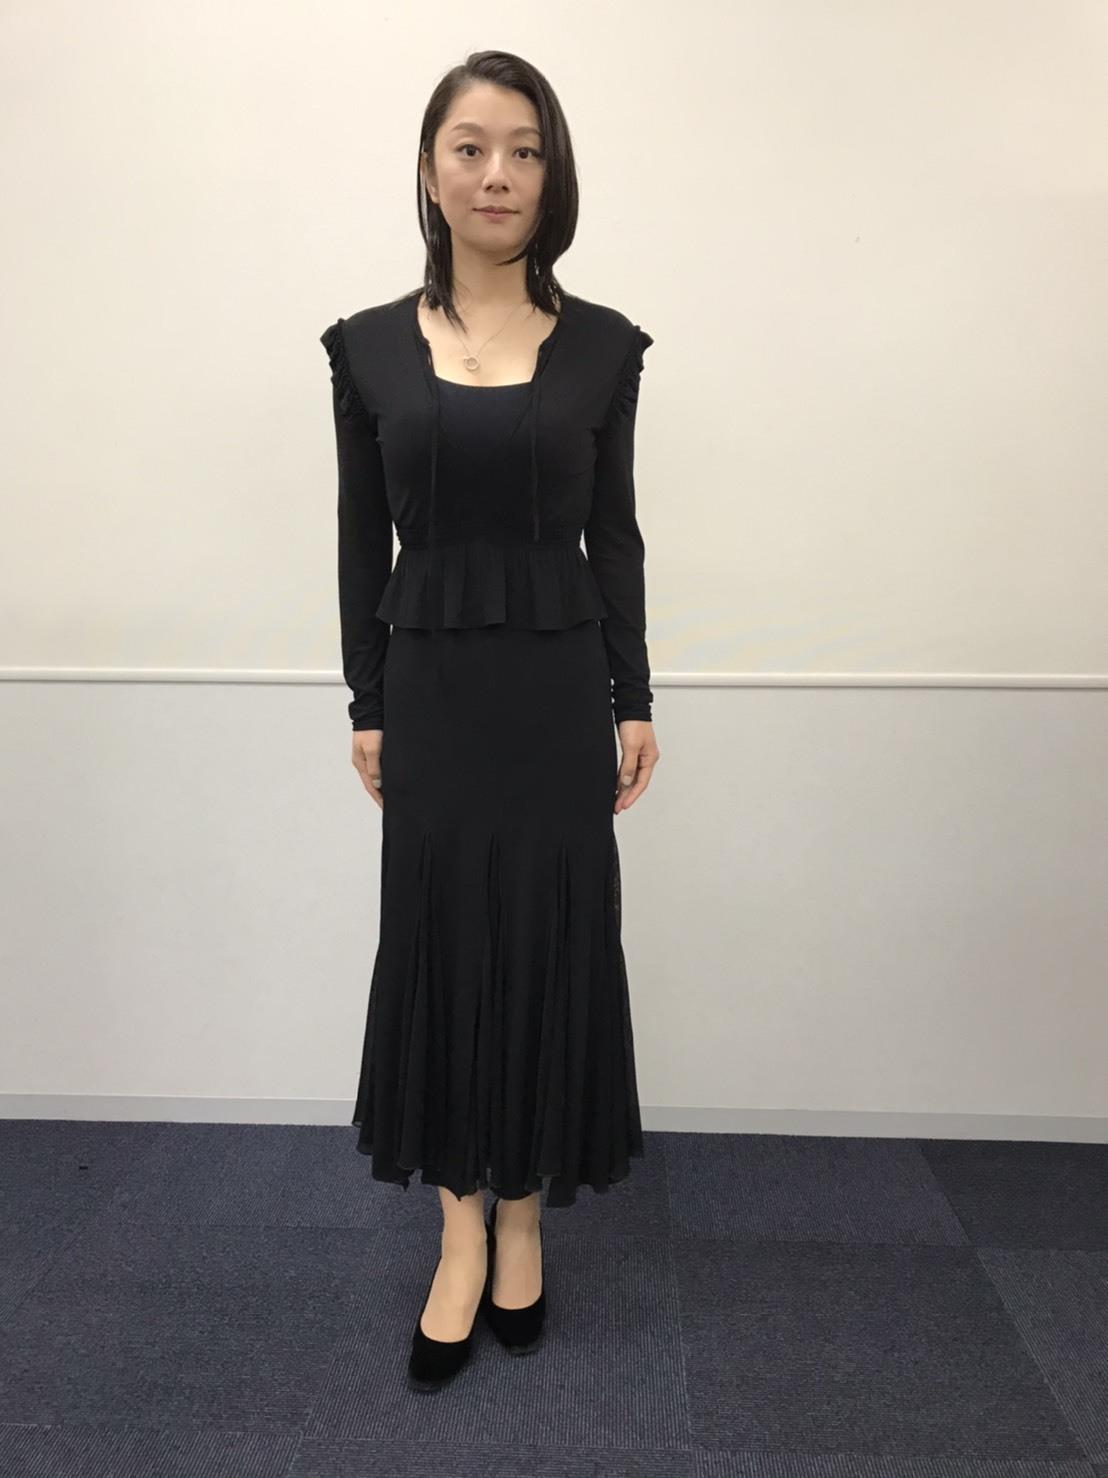 日本ジュエリーベストドレッサー賞 授賞式♪_d0339889_21230588.jpg